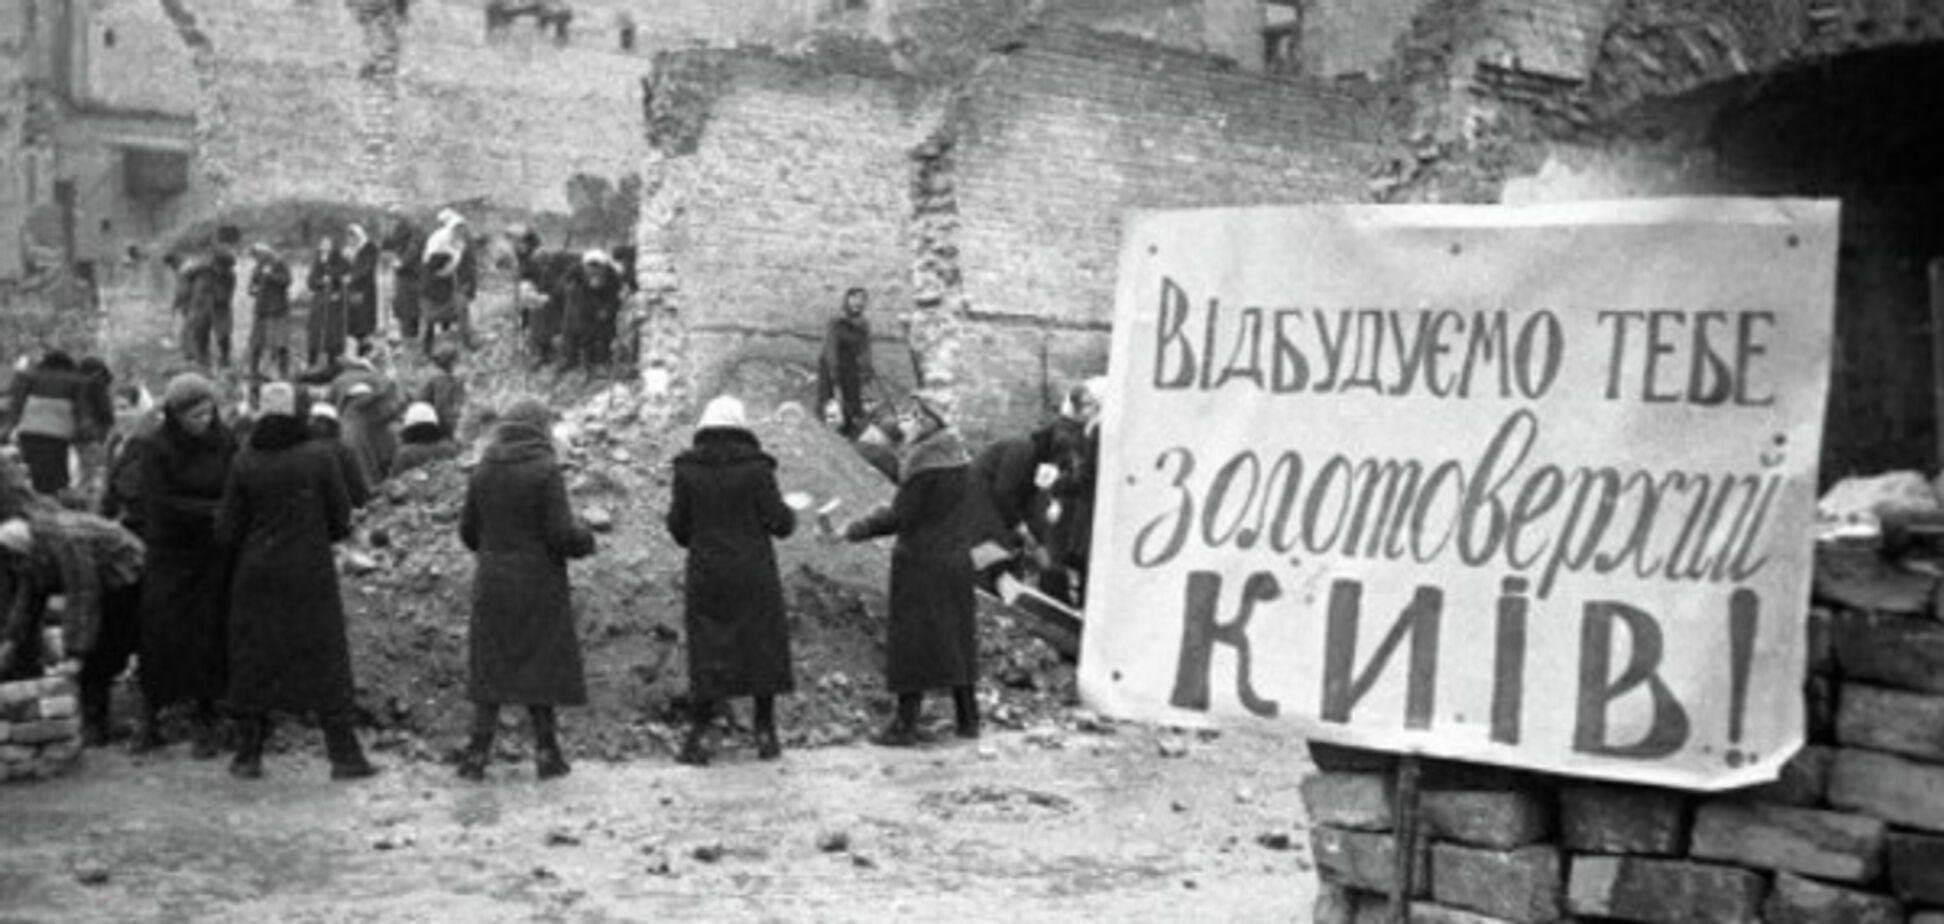 Мифы Великой Отечественной войны: историки развенчивают пропаганду Кремля